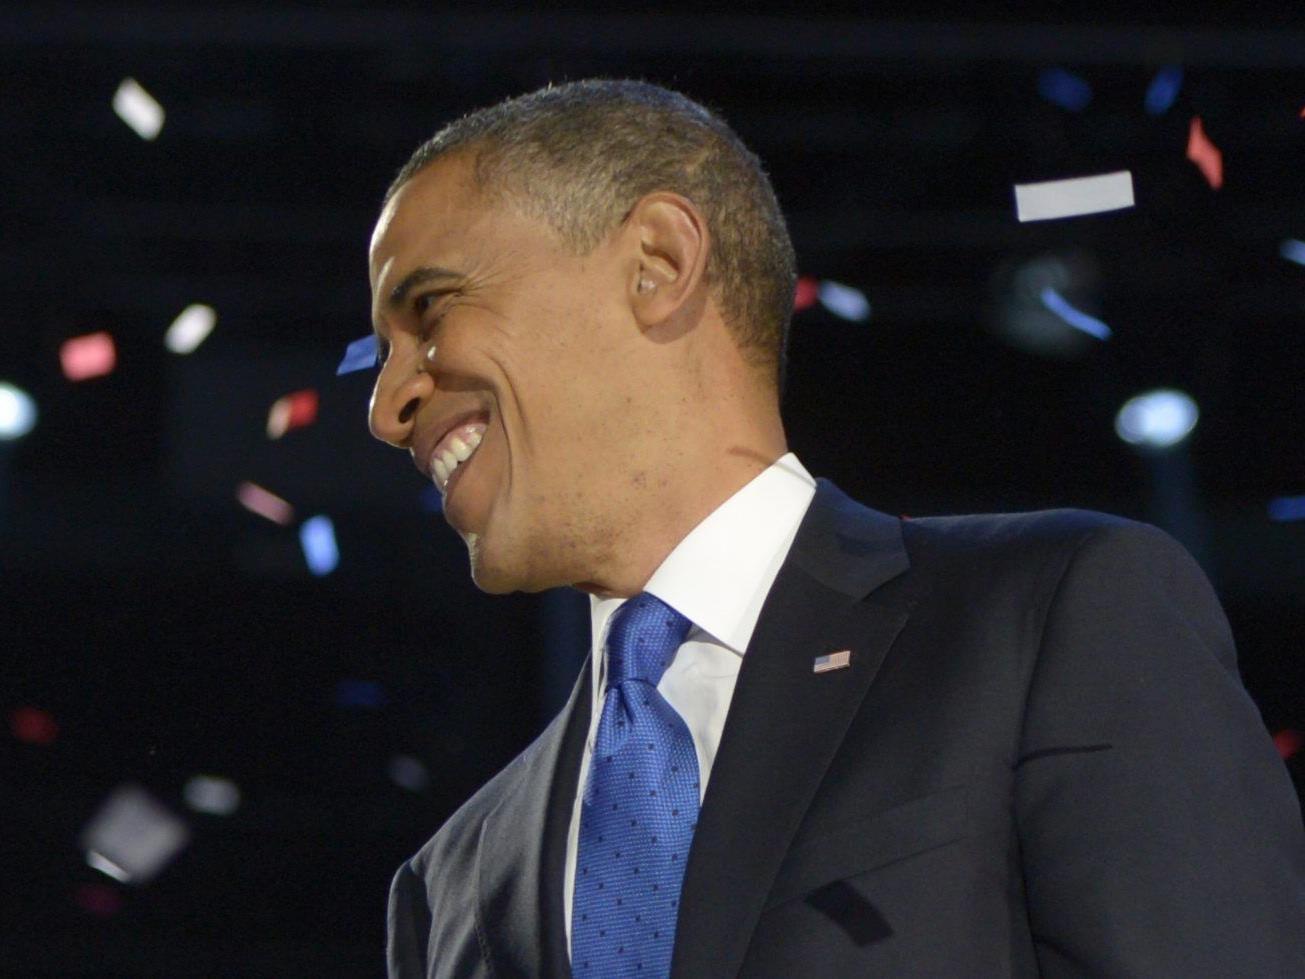 Auszählung der Stimmen beendet: 50,01 Prozent für Amtsinhaber Obama.